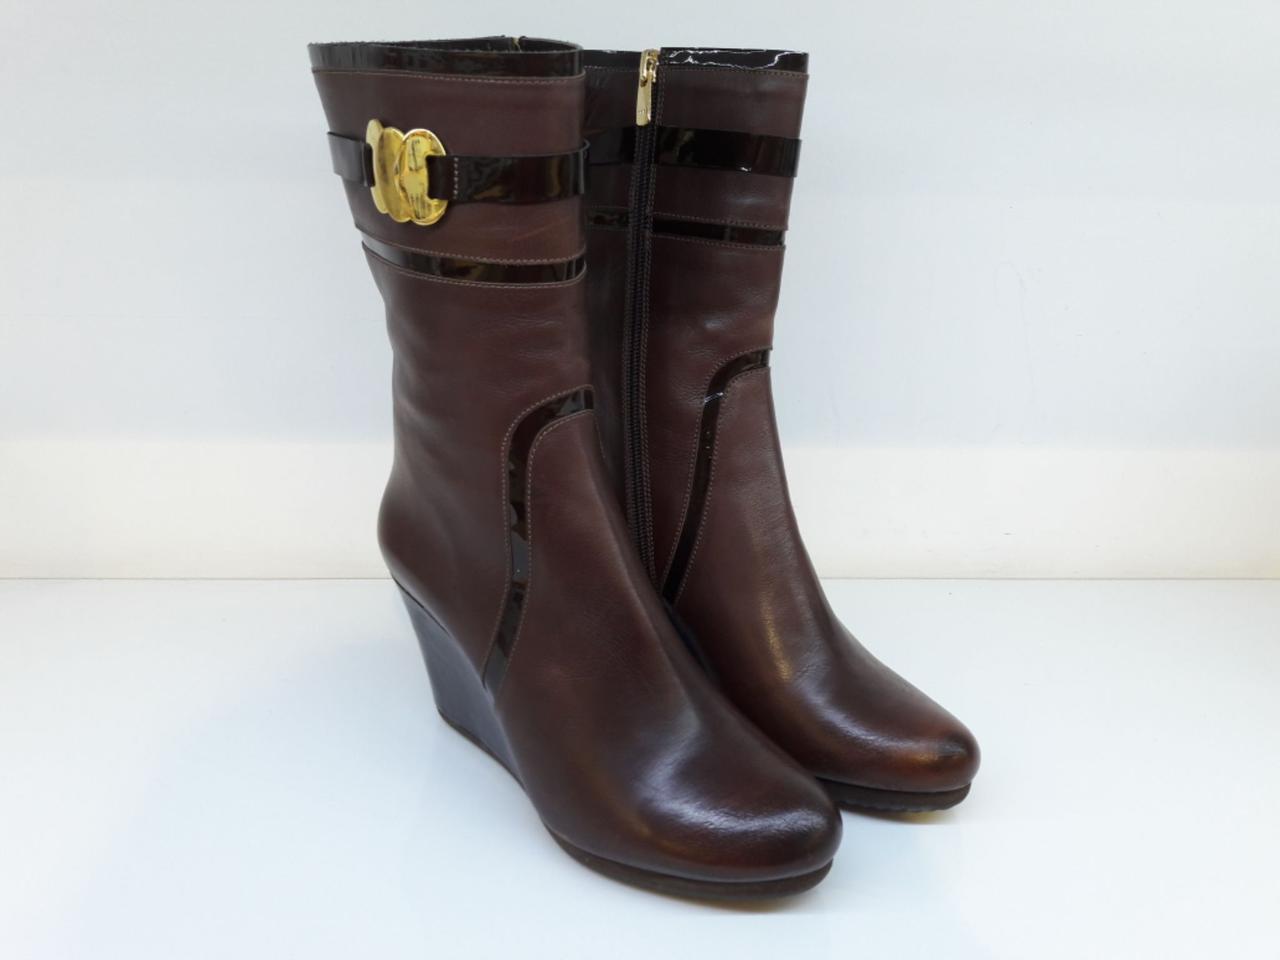 Ботинки Etor 3527-8300 37 коричневые